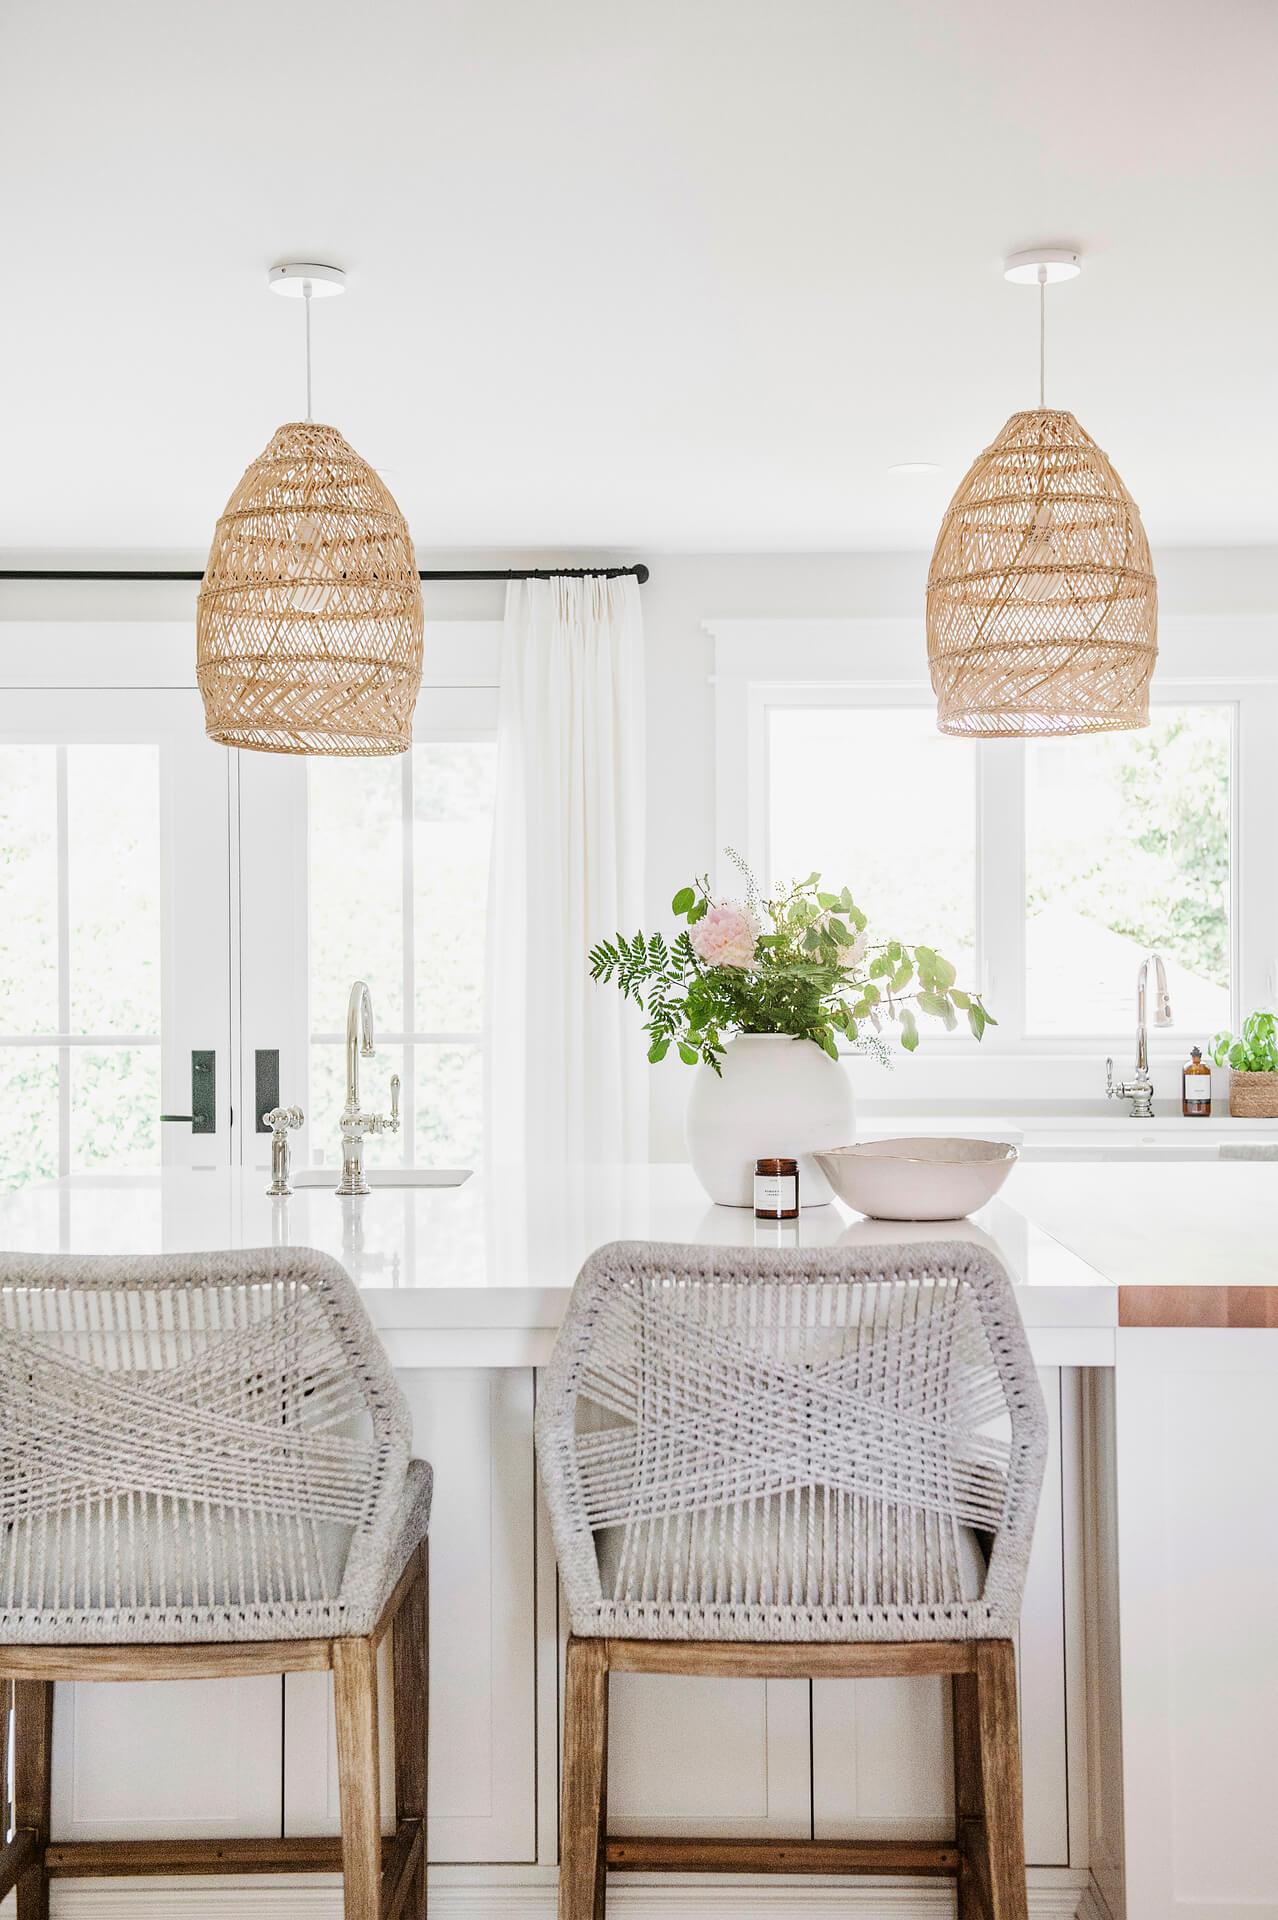 Frobisher AKB Design cuisine blanche farmhouse classique tablette bois luminaire osier ilot quarz 5